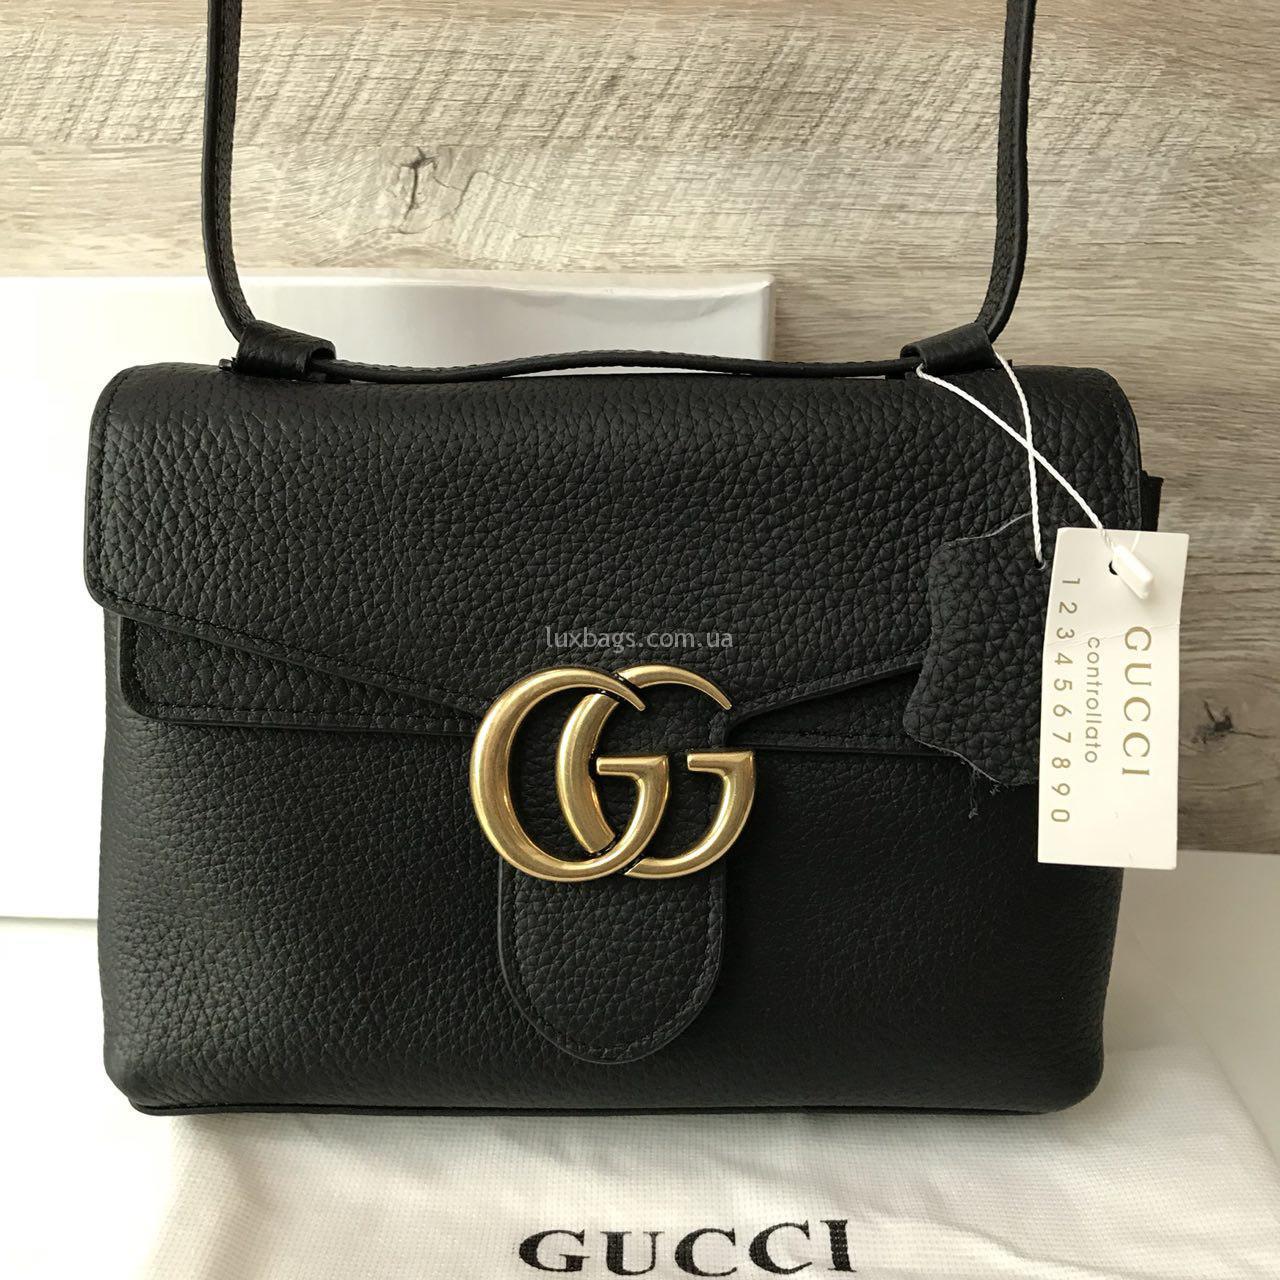 214fee536dd7 Женская кожаная сумка клатч Gucci Гуччи Купить на lux-bags